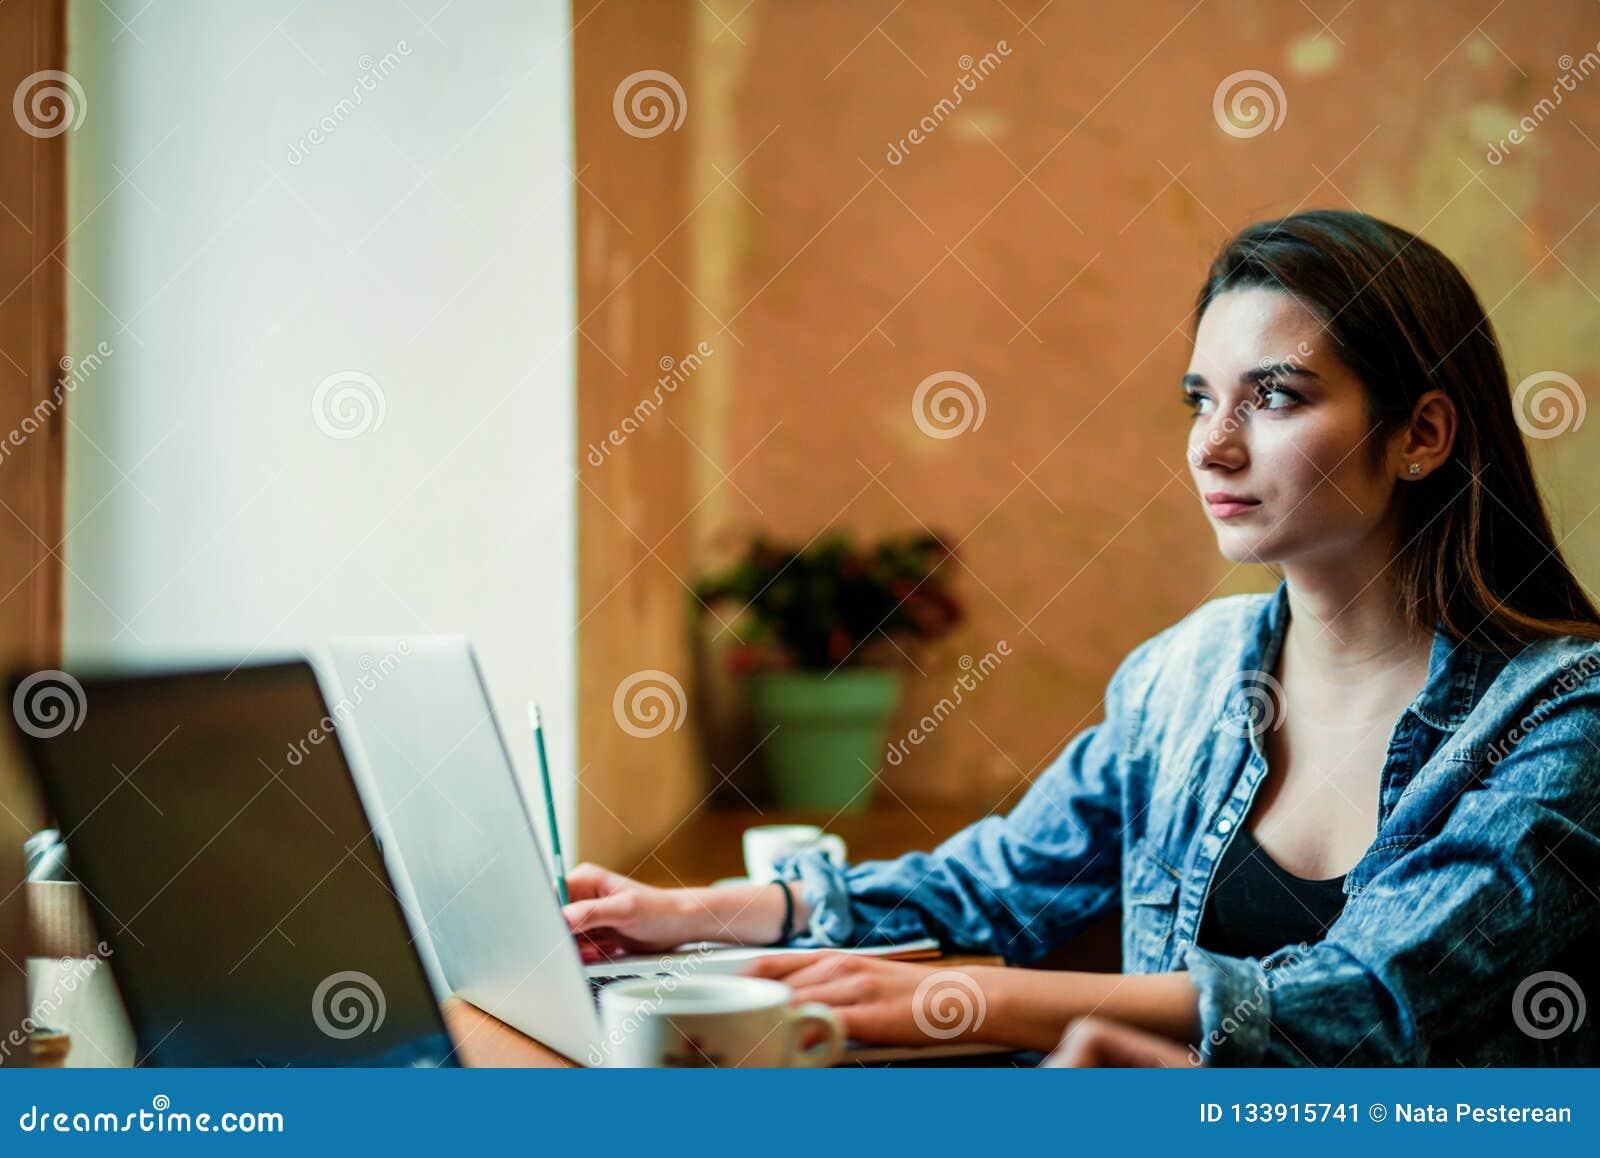 Η νέα γυναίκα σπουδαστής κάθεται κοντά στο παράθυρο με το lap-top και κοιτάζει μέσω του παραθύρου